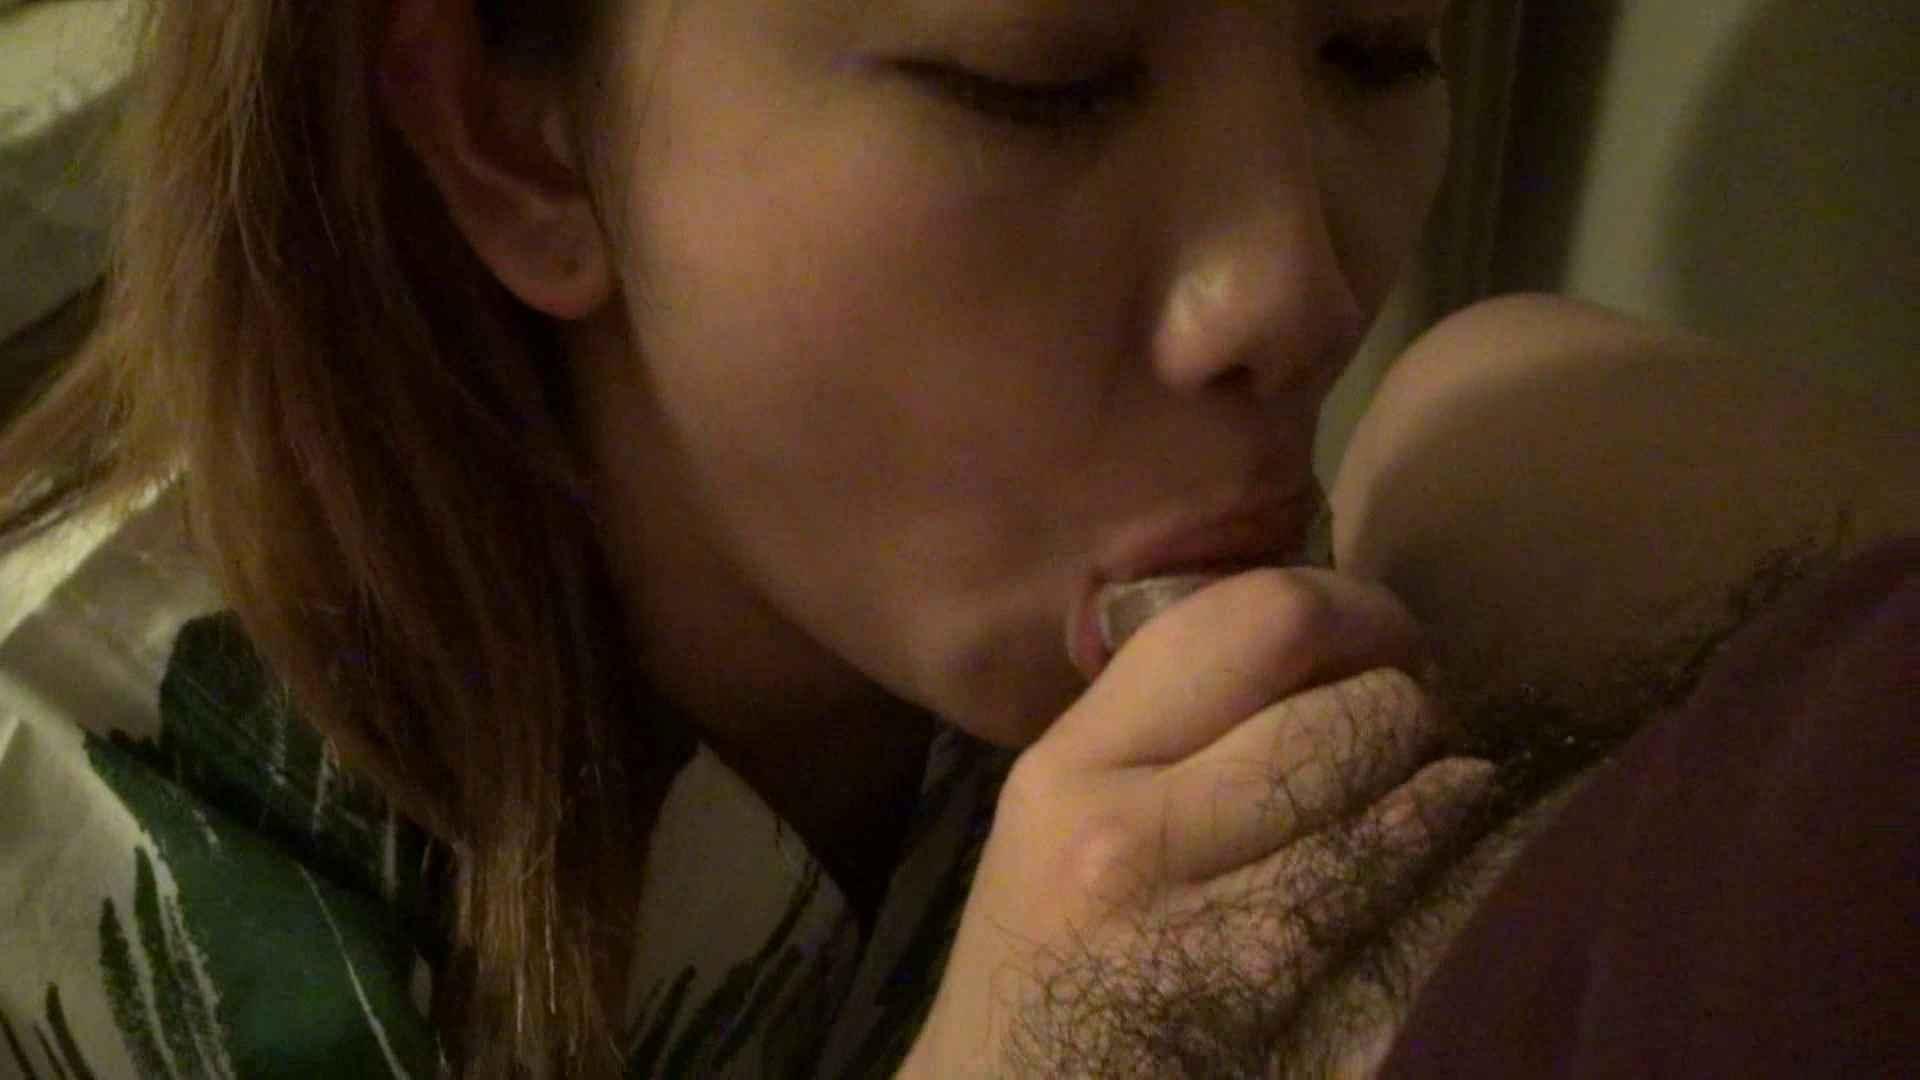 【悪戯の前】大助さんとの初めての撮影(まれまでと違って本人の意思としては・・・) 悪戯 | ドキュメント  71pic 19